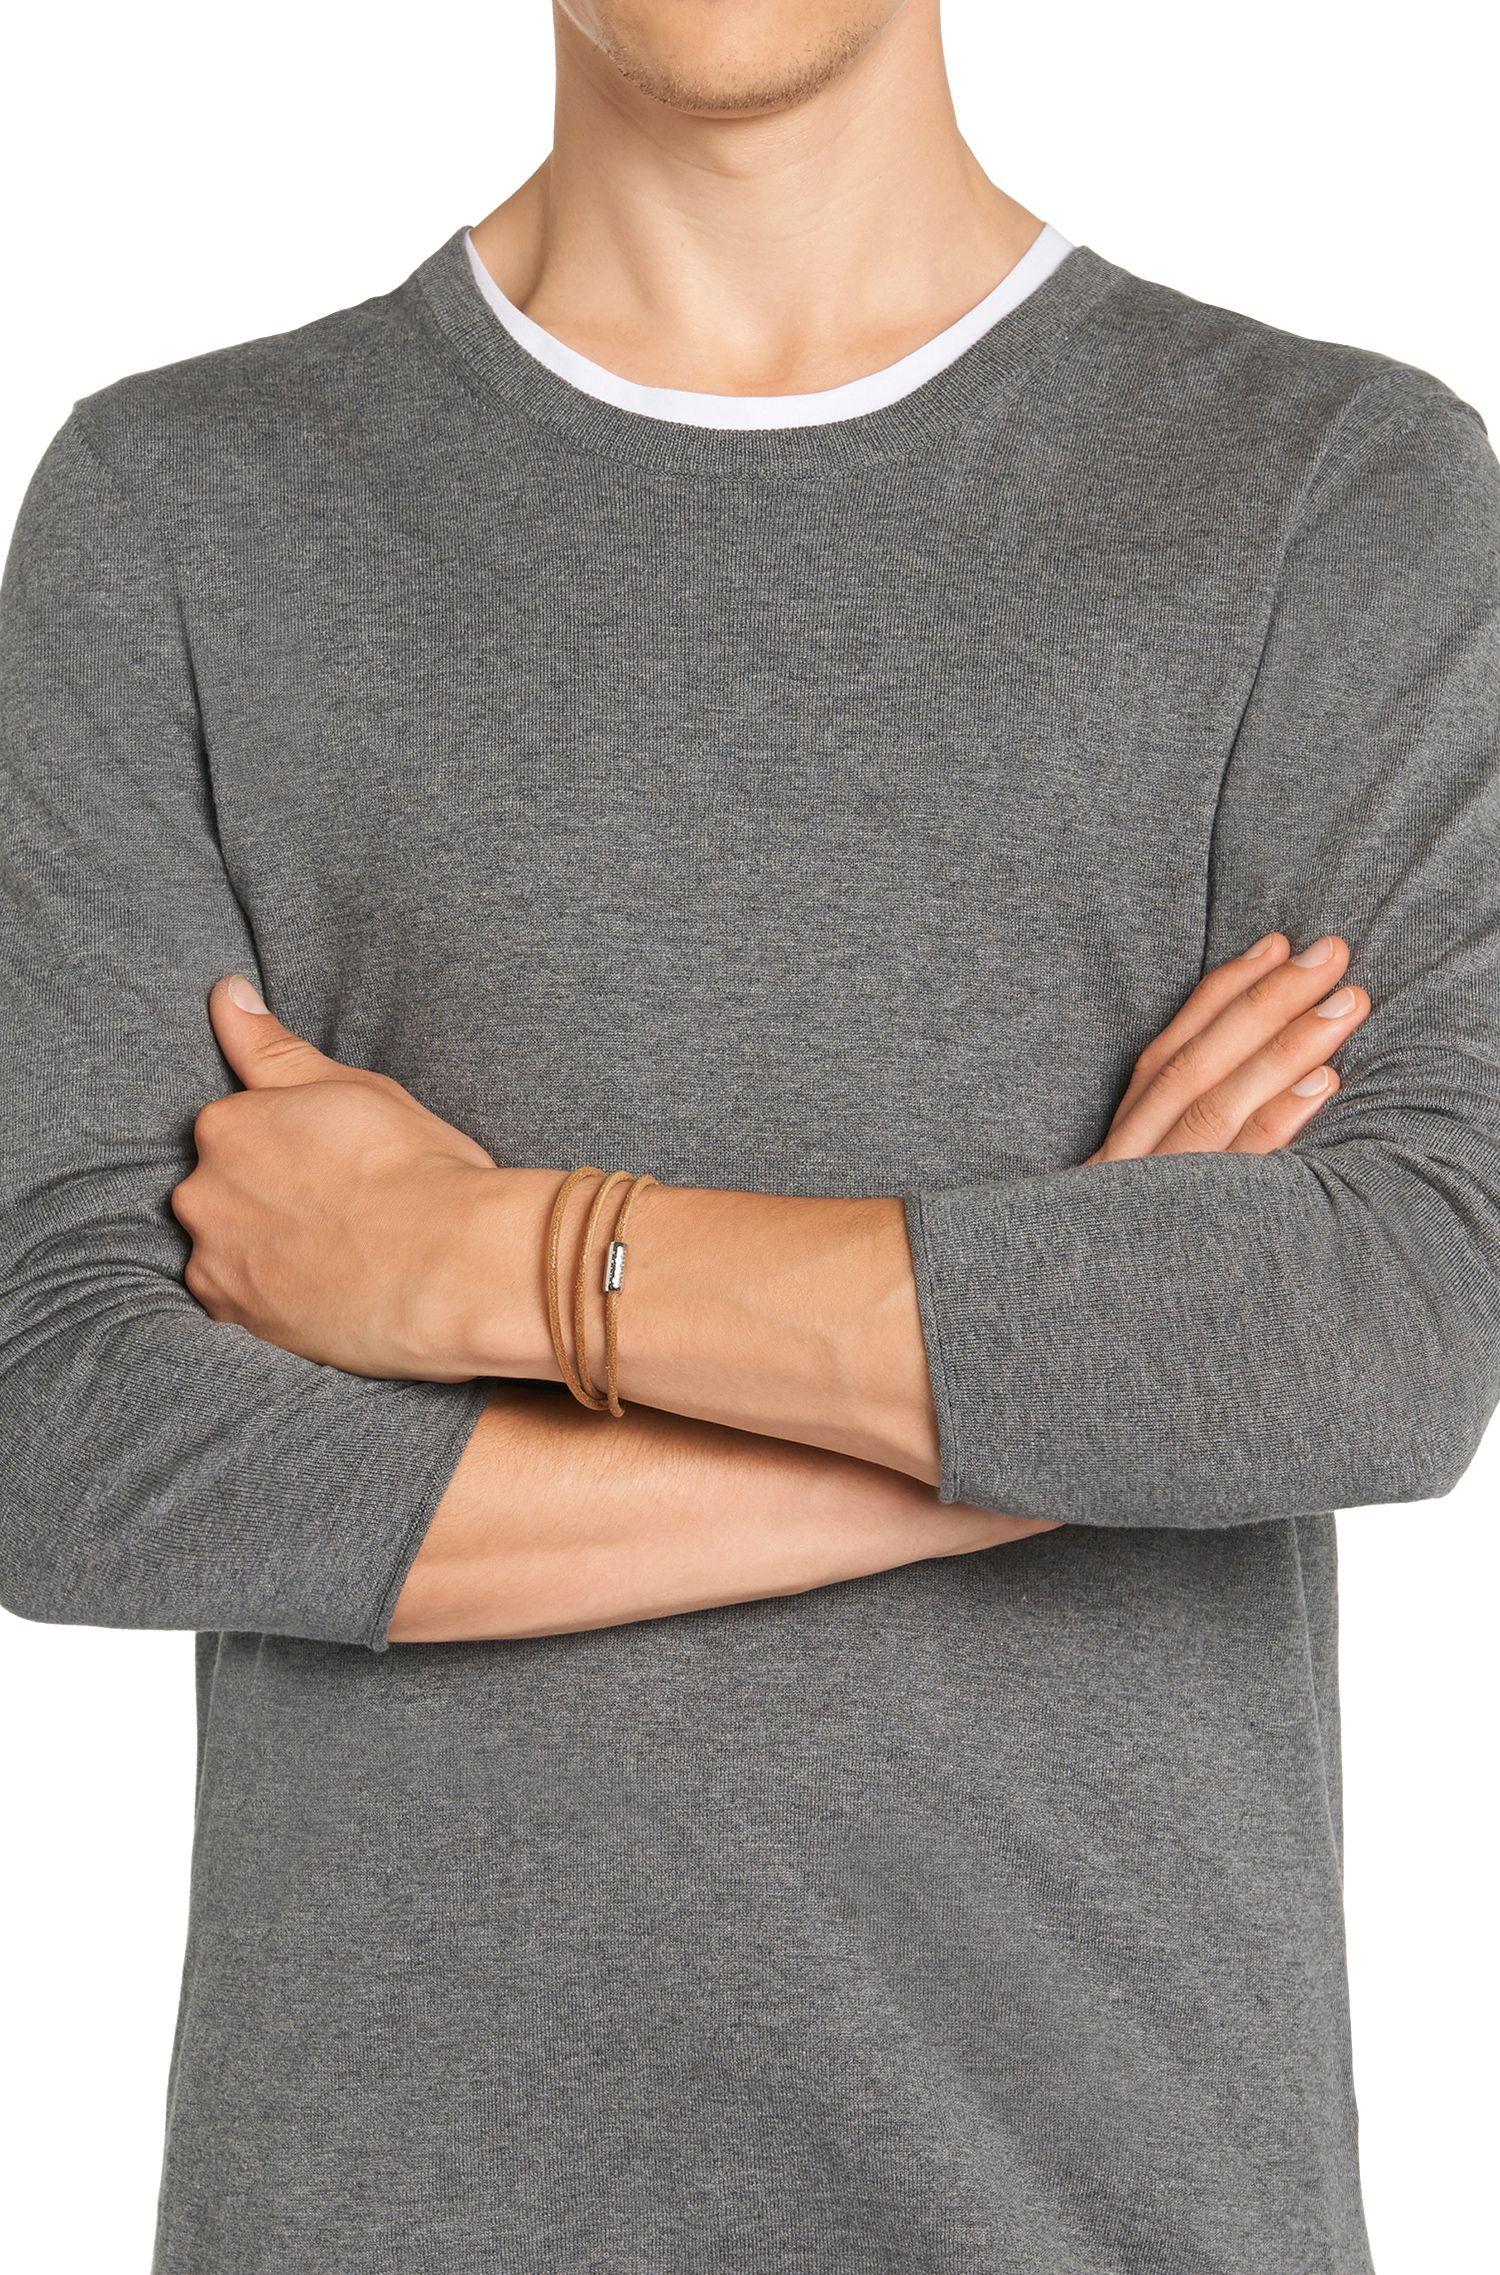 Smalle wikkelarmband van leer: 'E-ELEMENT'